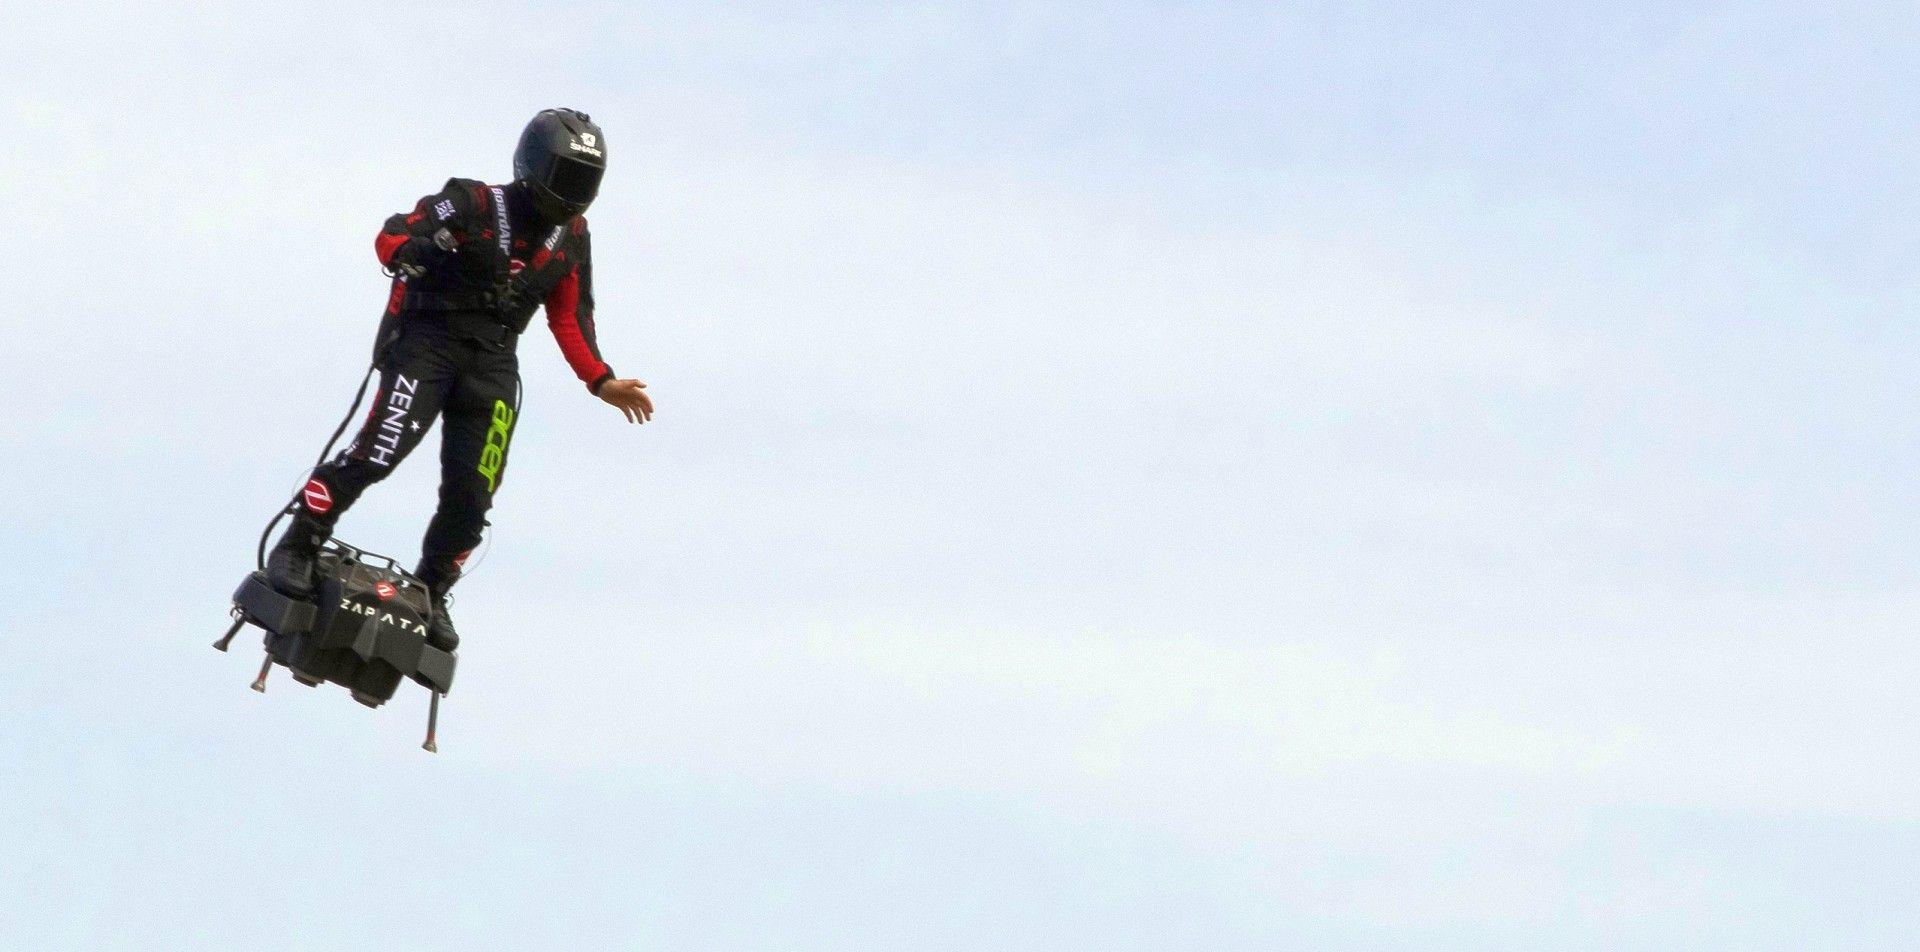 回到未來之美夢成真:Zenith品牌之友Franky Zapata成功駕駛飛行滑板飛越英吉利海峽